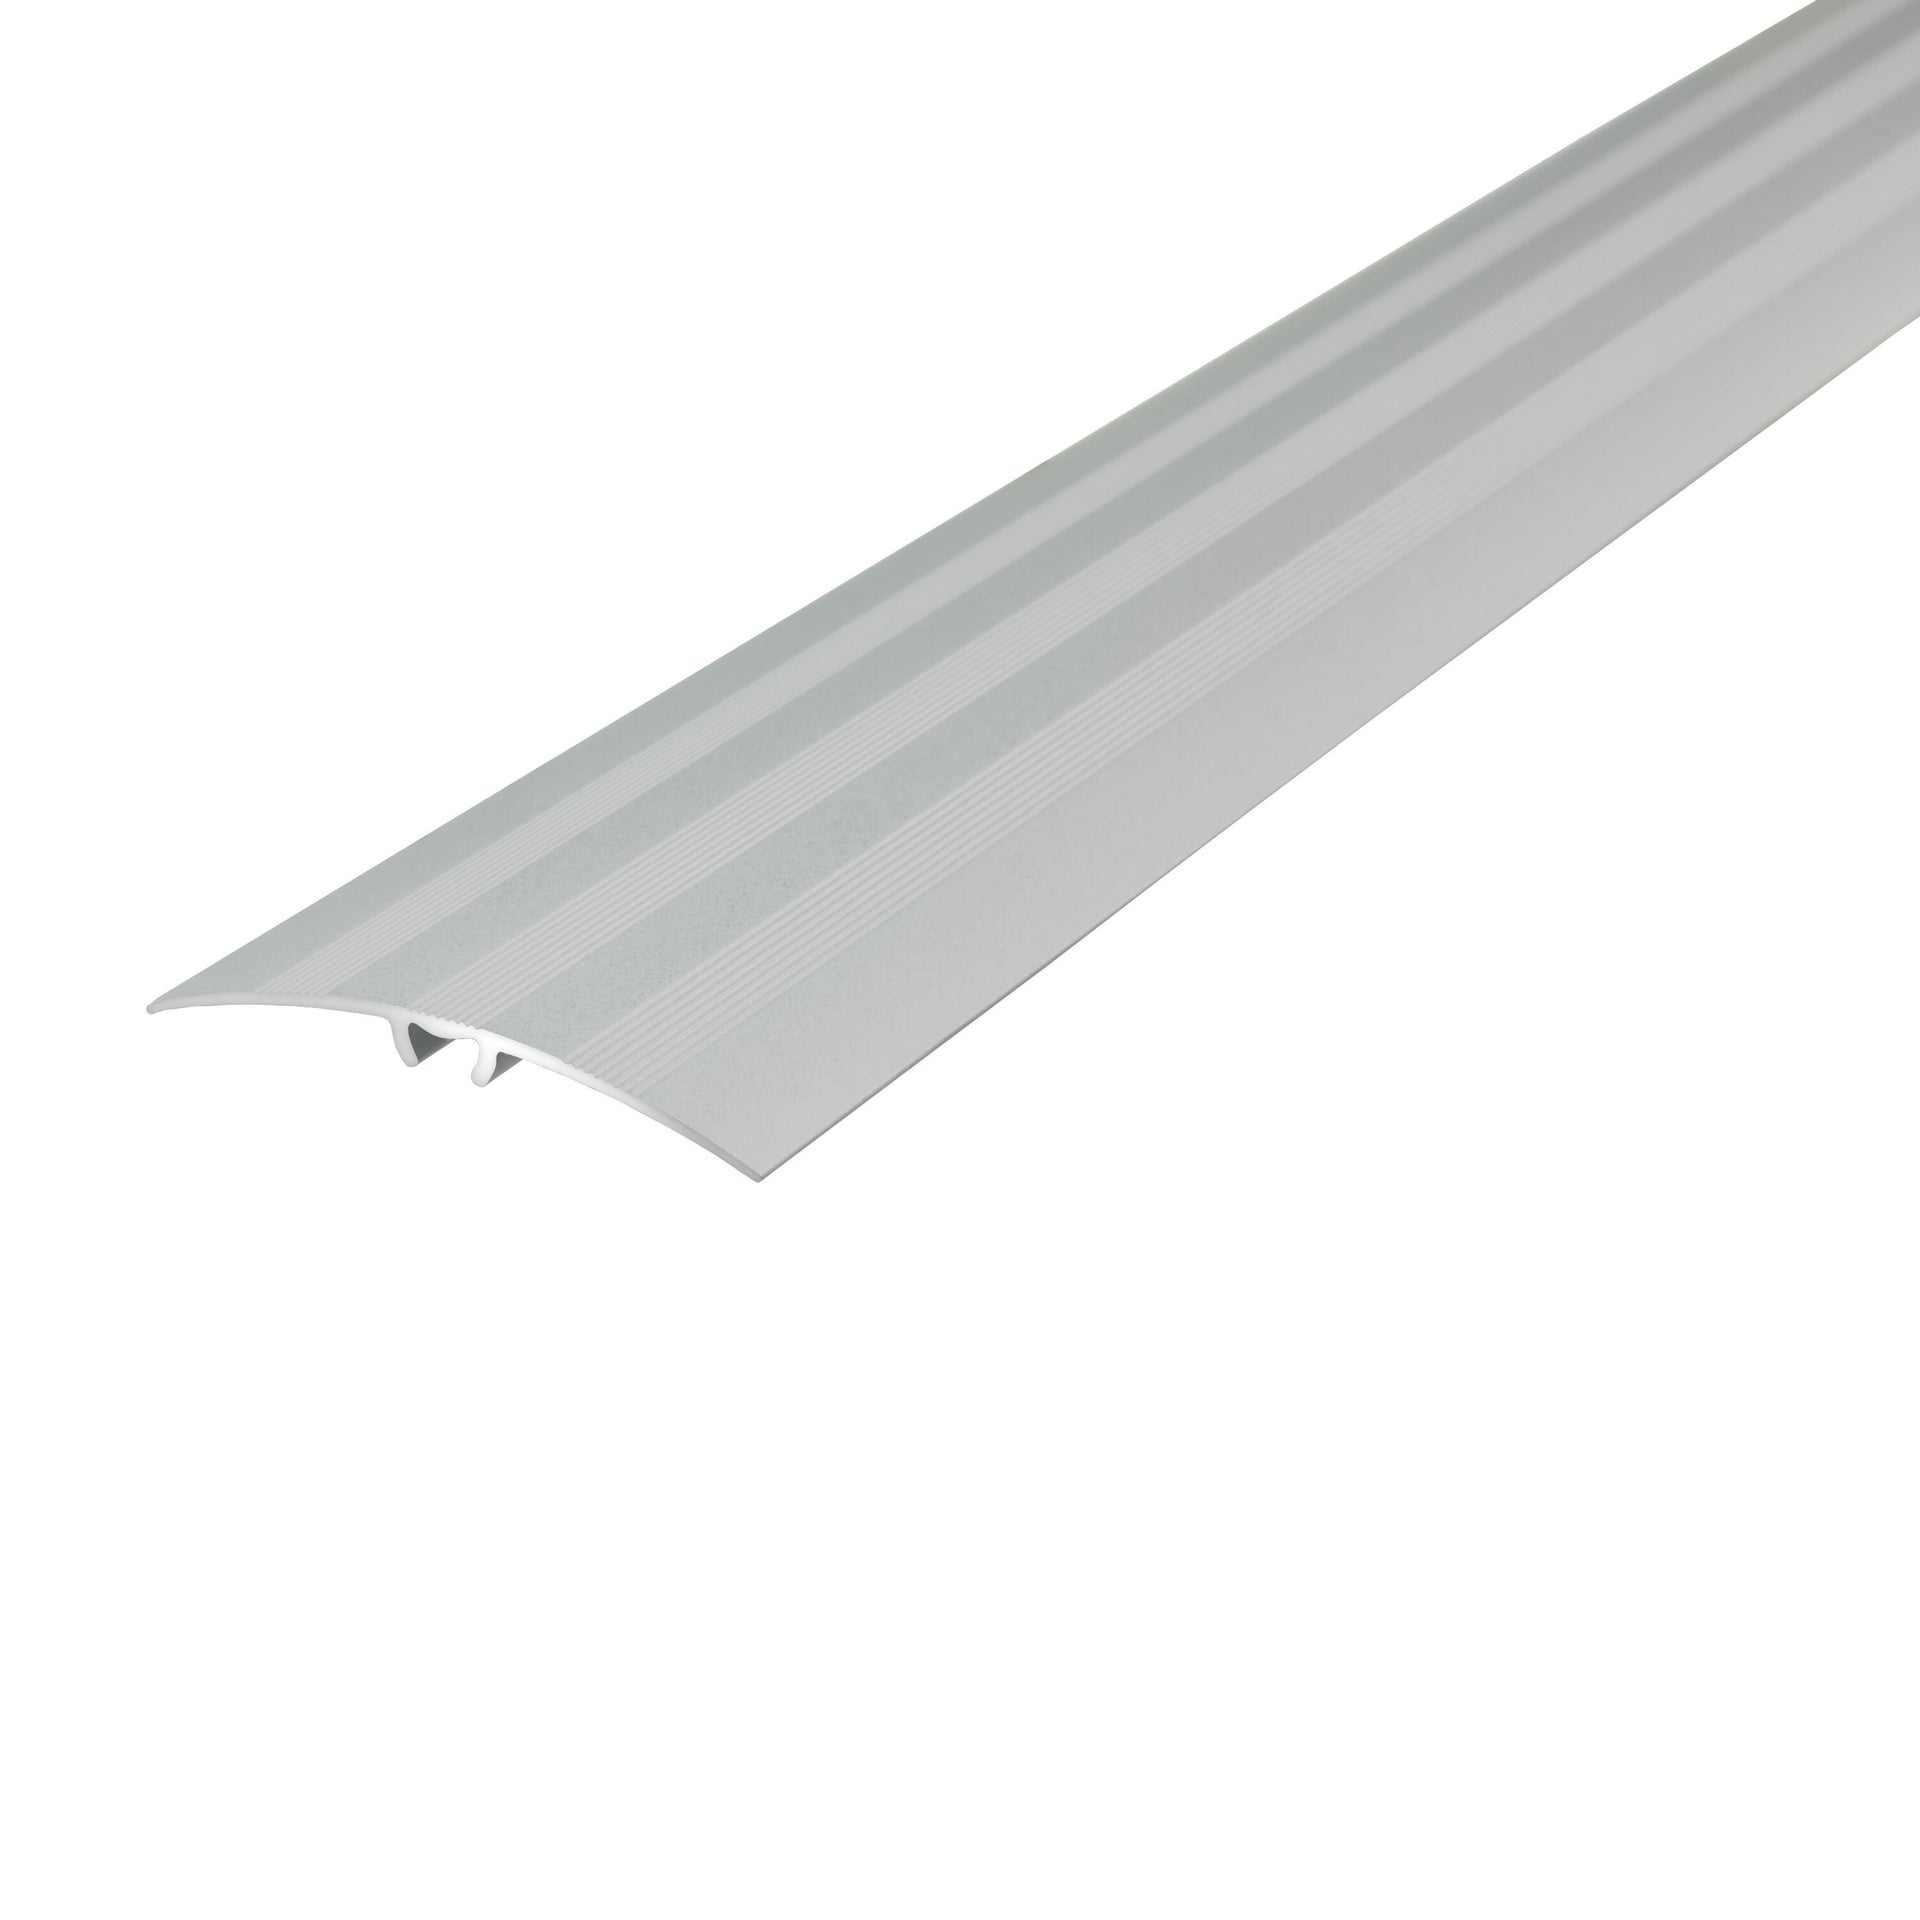 Profilo soglia 47 mm x 93 cm - 1